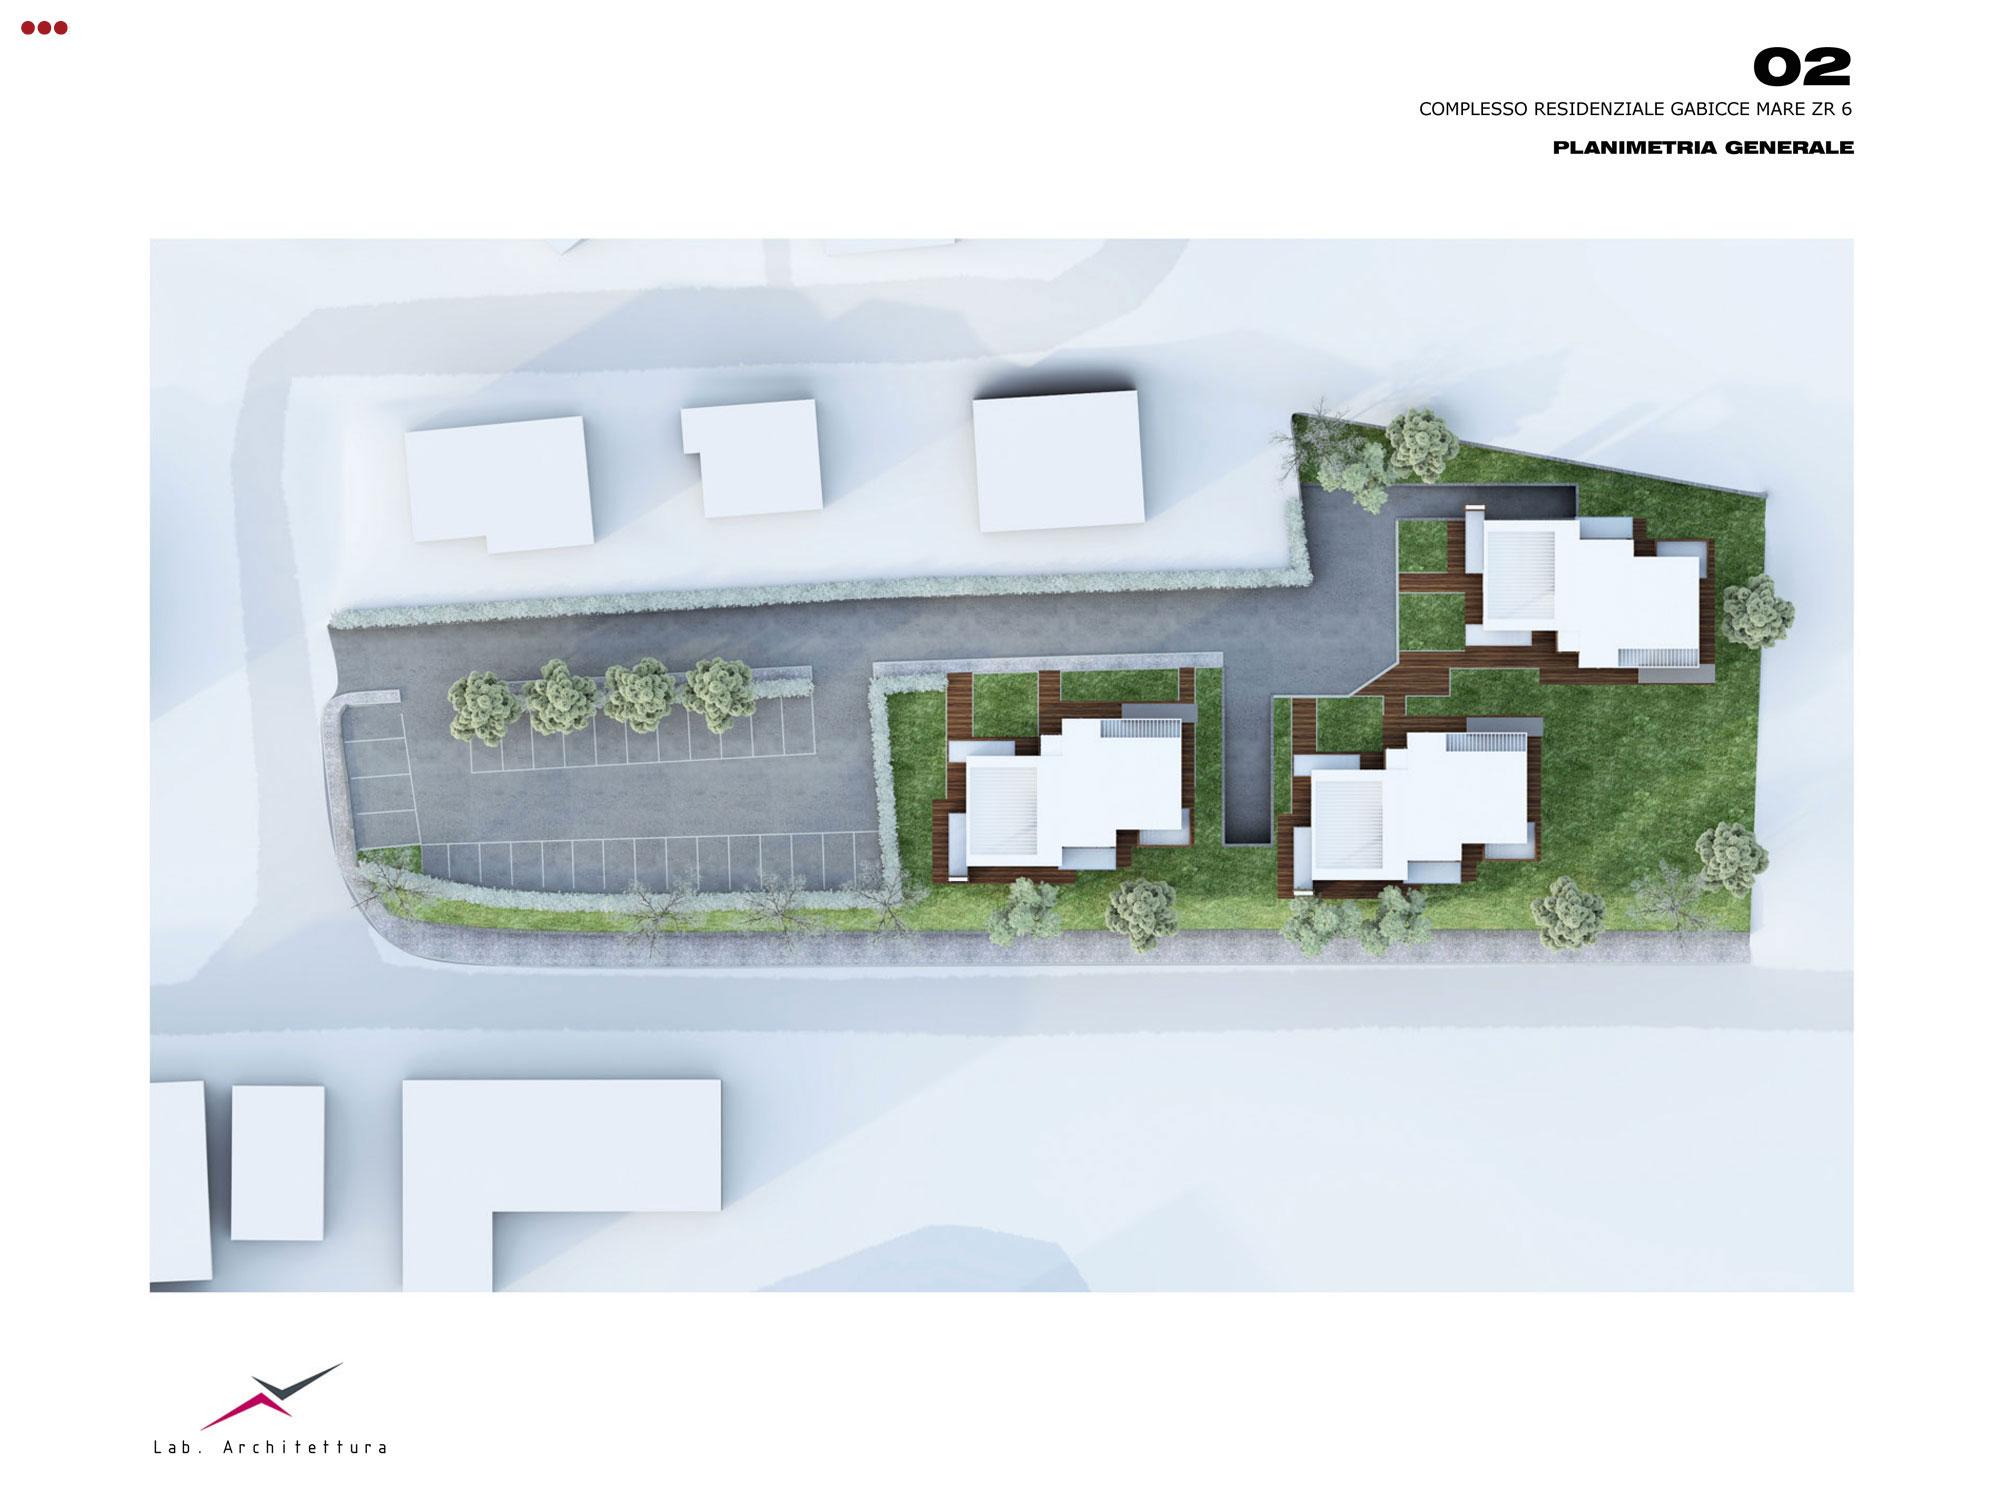 rendering 3d modeling architettura costruzioni studio bartolini gabicce rimini 3